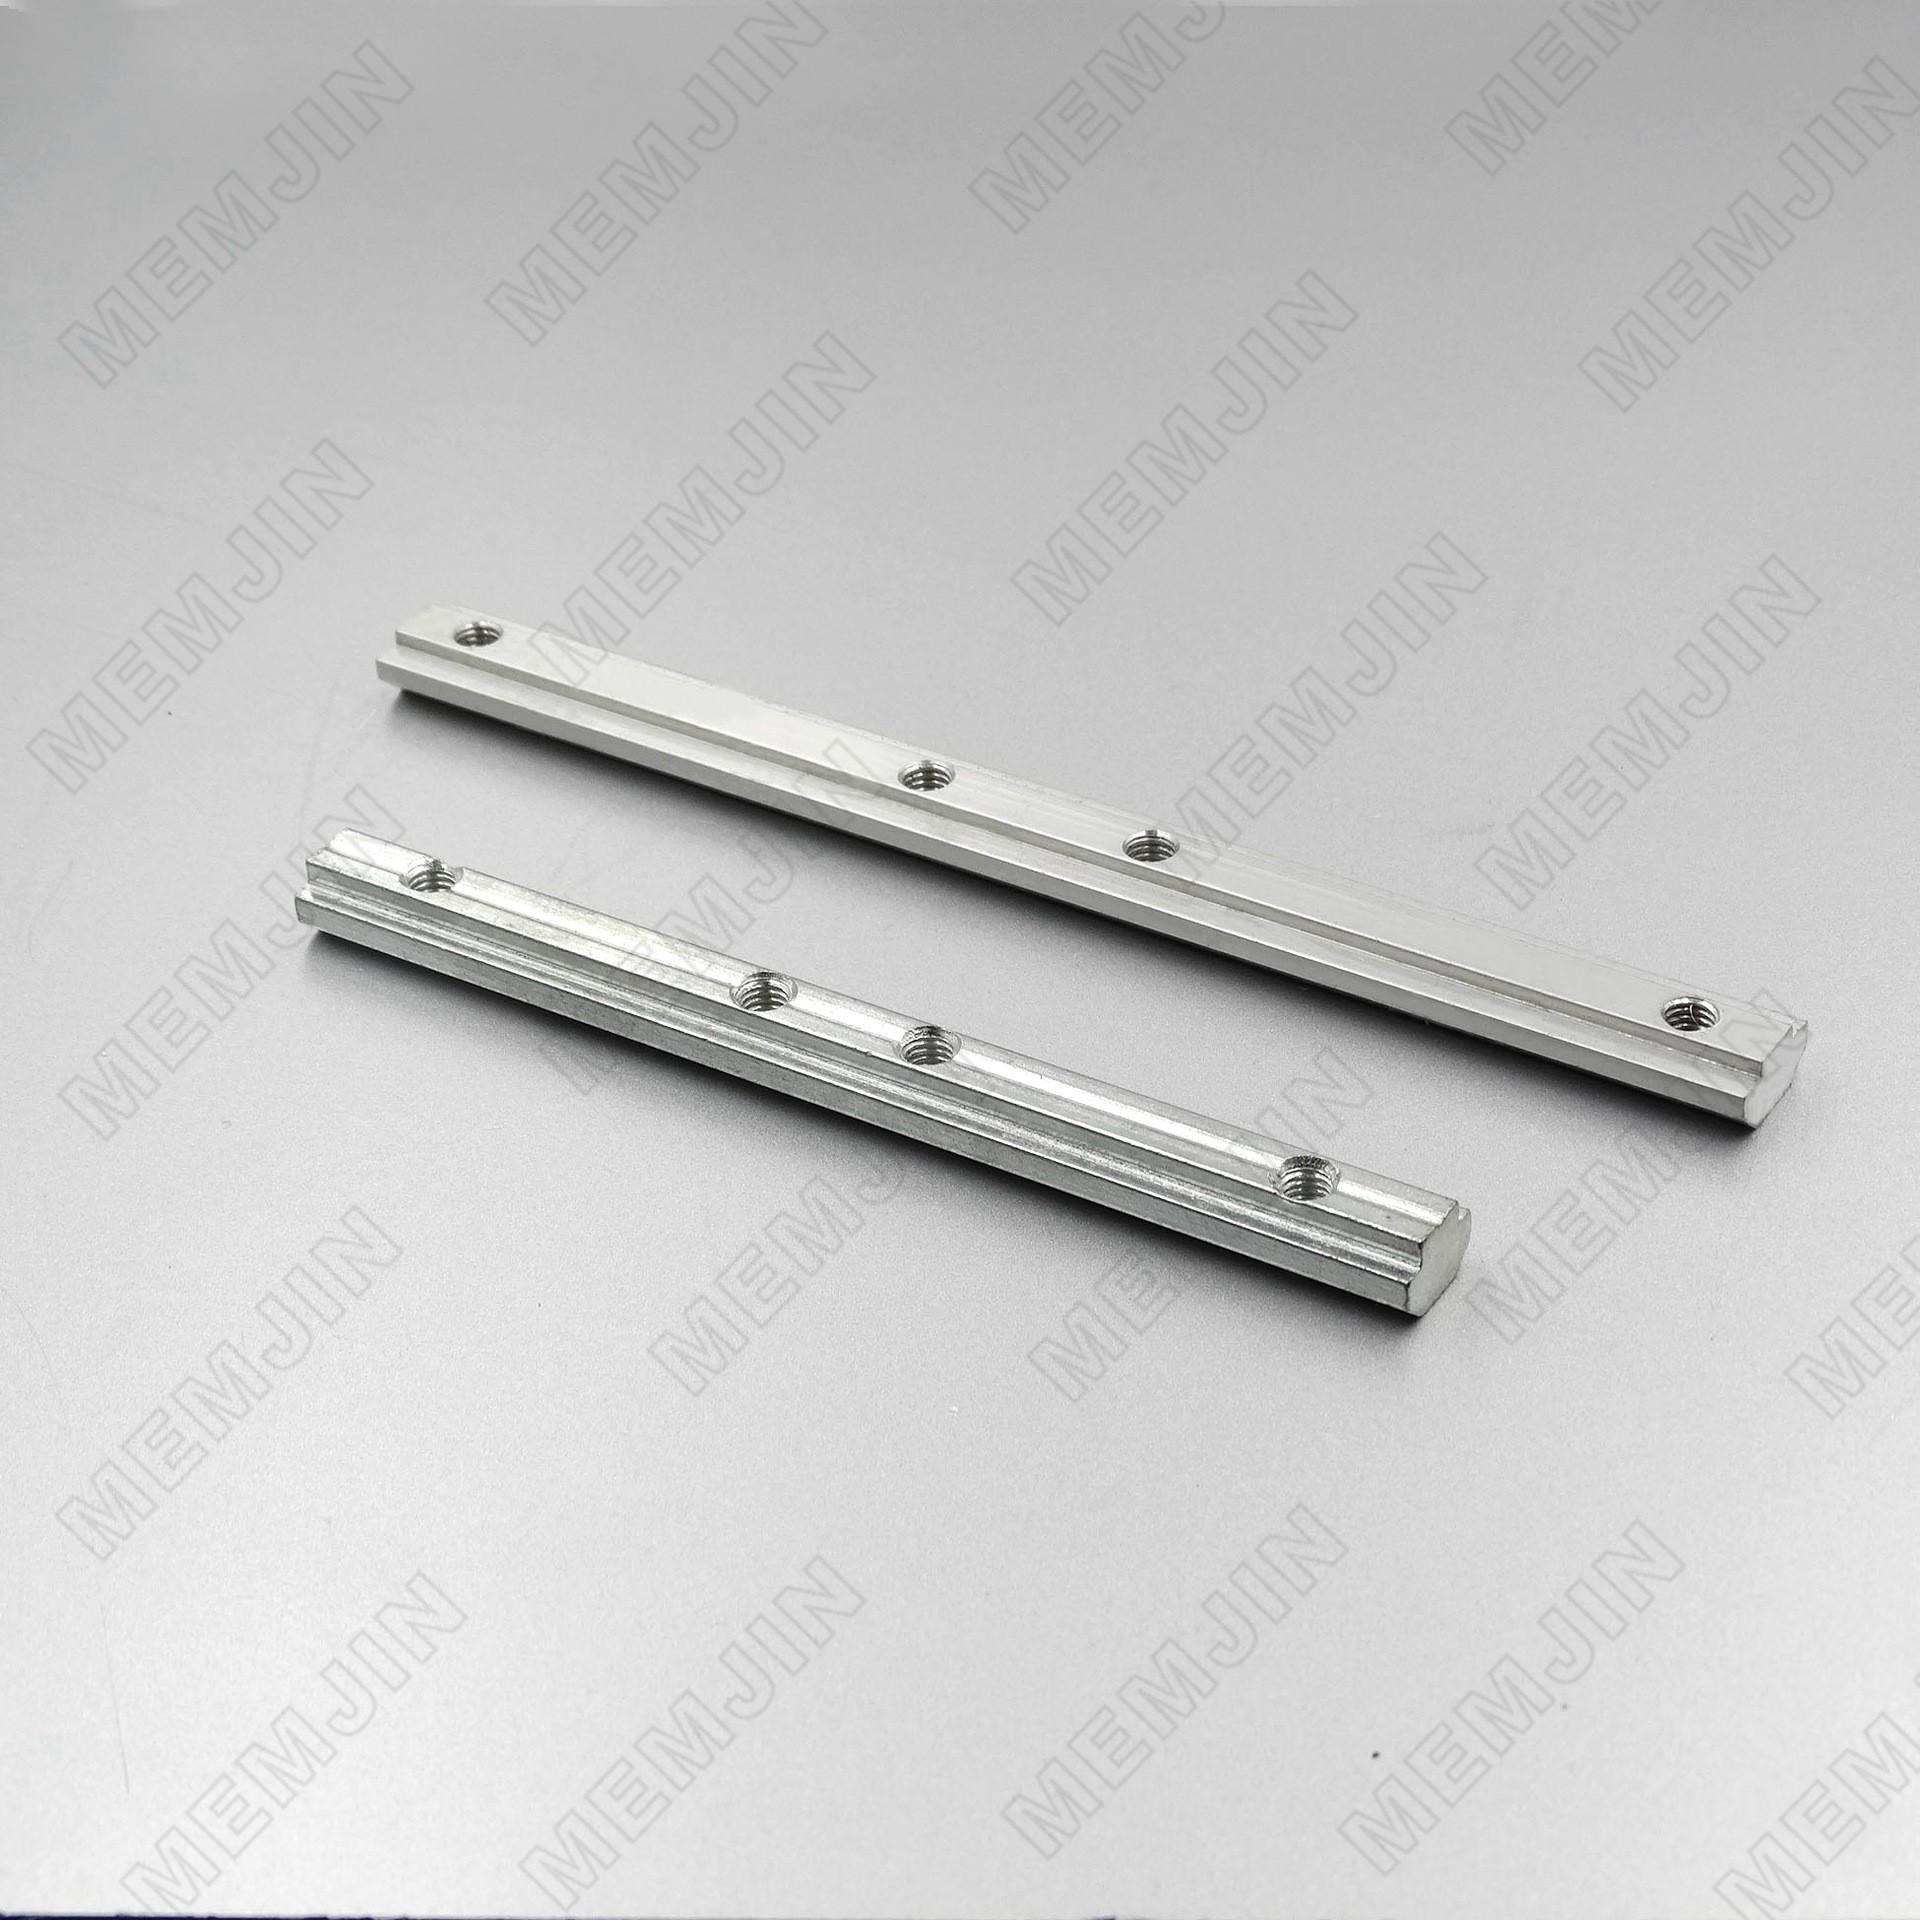 工业铝型材配件铝合金连接件可按任意长度尺寸免费切割量大优惠 铝型材